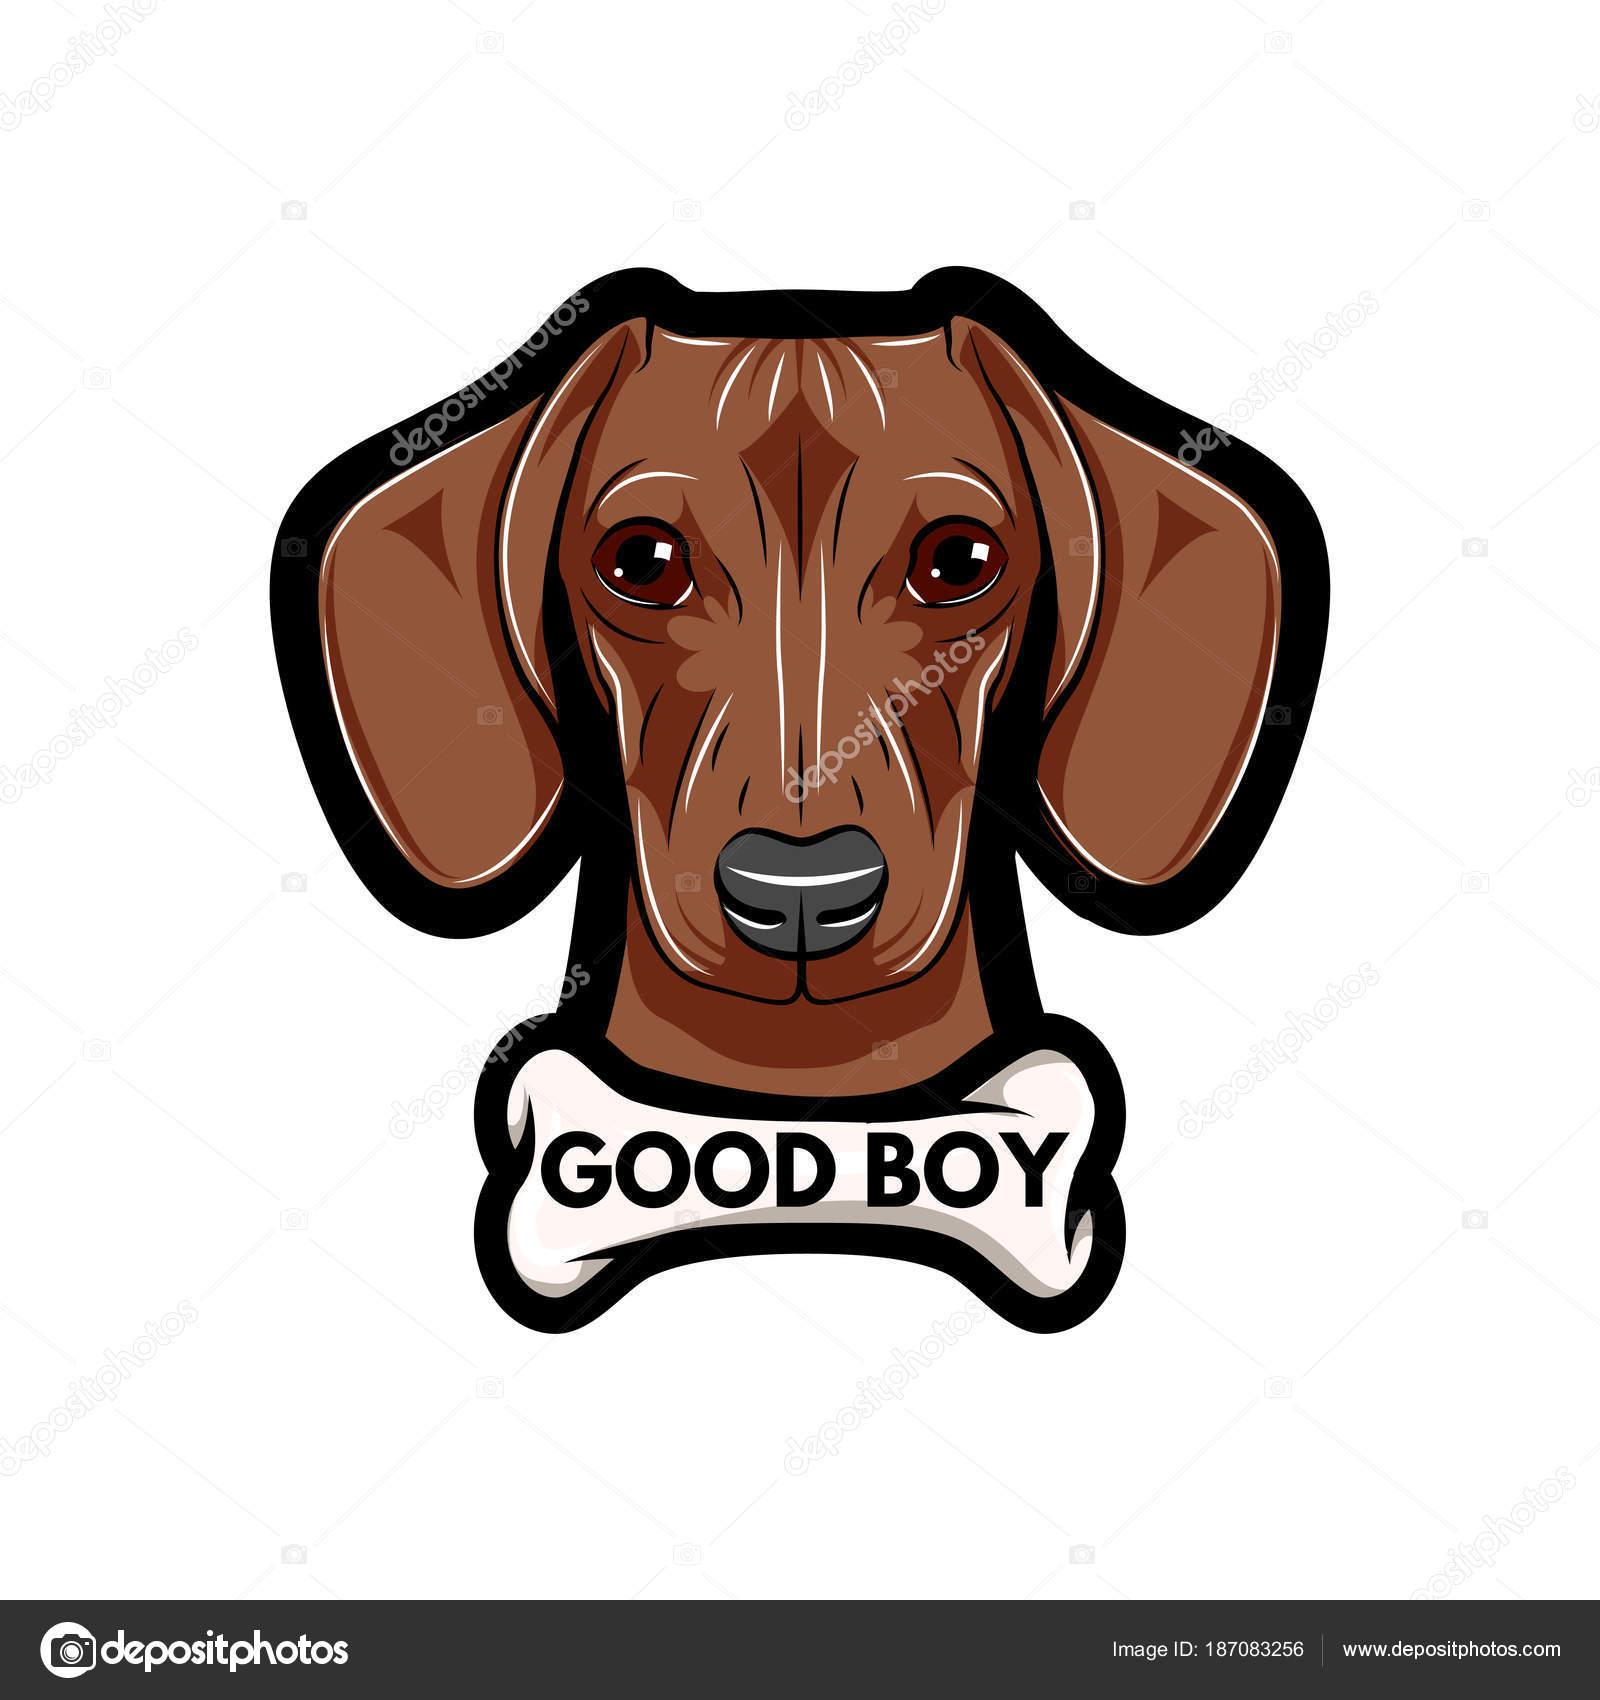 ベクトル イラスト肖像画のダックスフント犬骨付きいい子テキスト